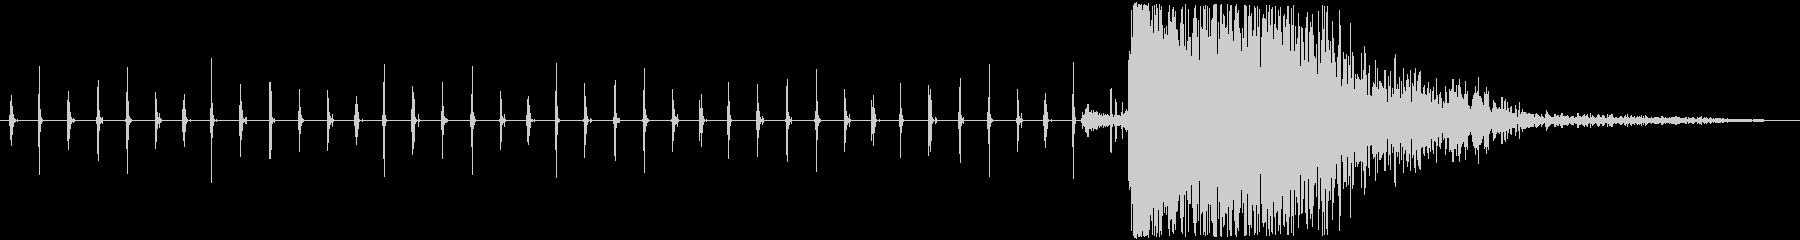 時限爆弾の未再生の波形